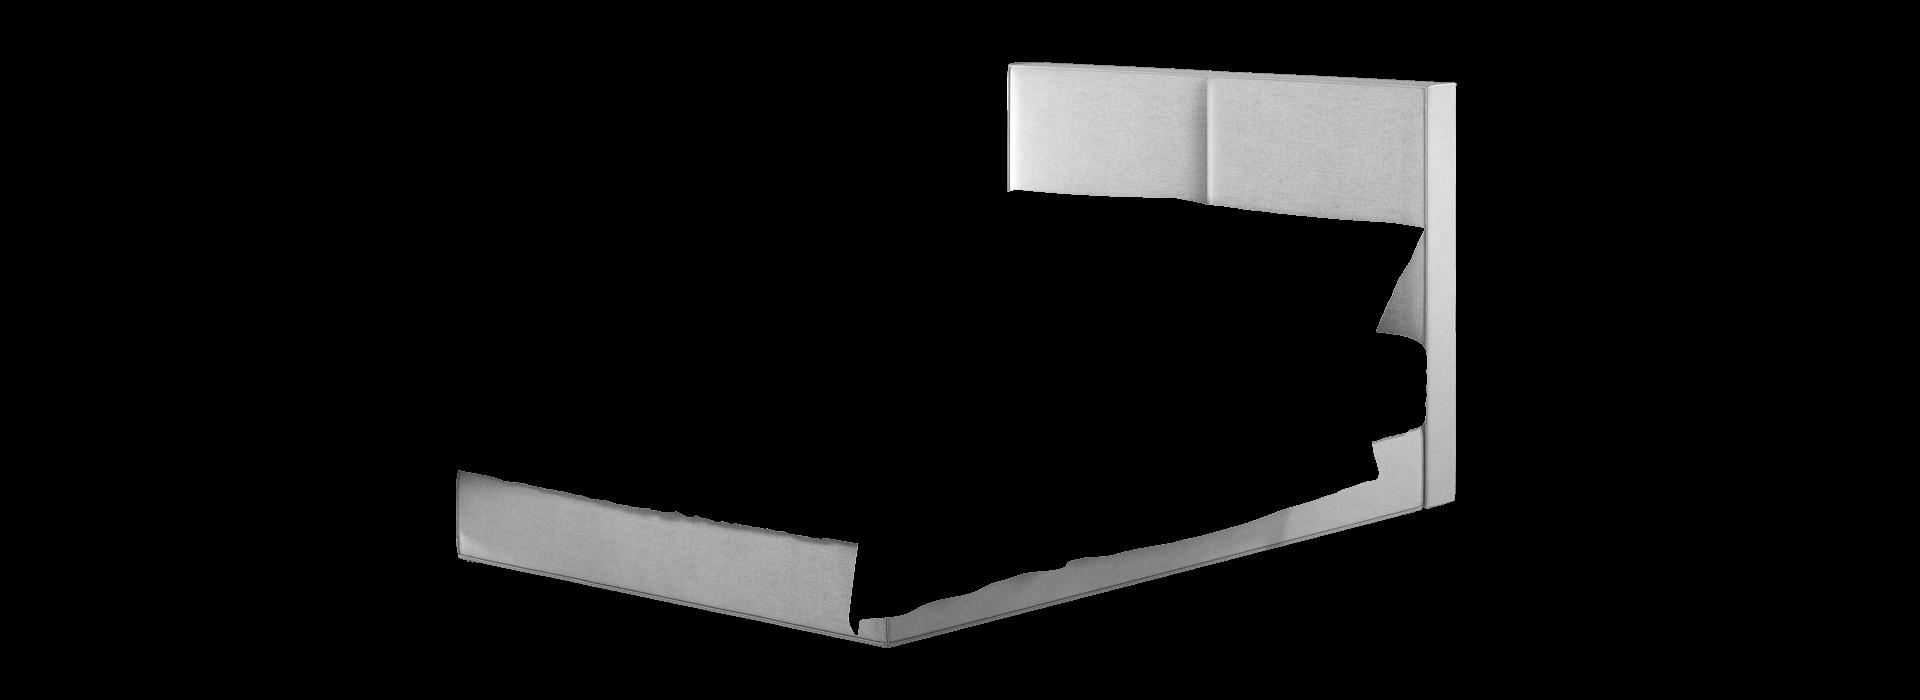 Фрея 1.4 ліжко з підйомником - маска 2